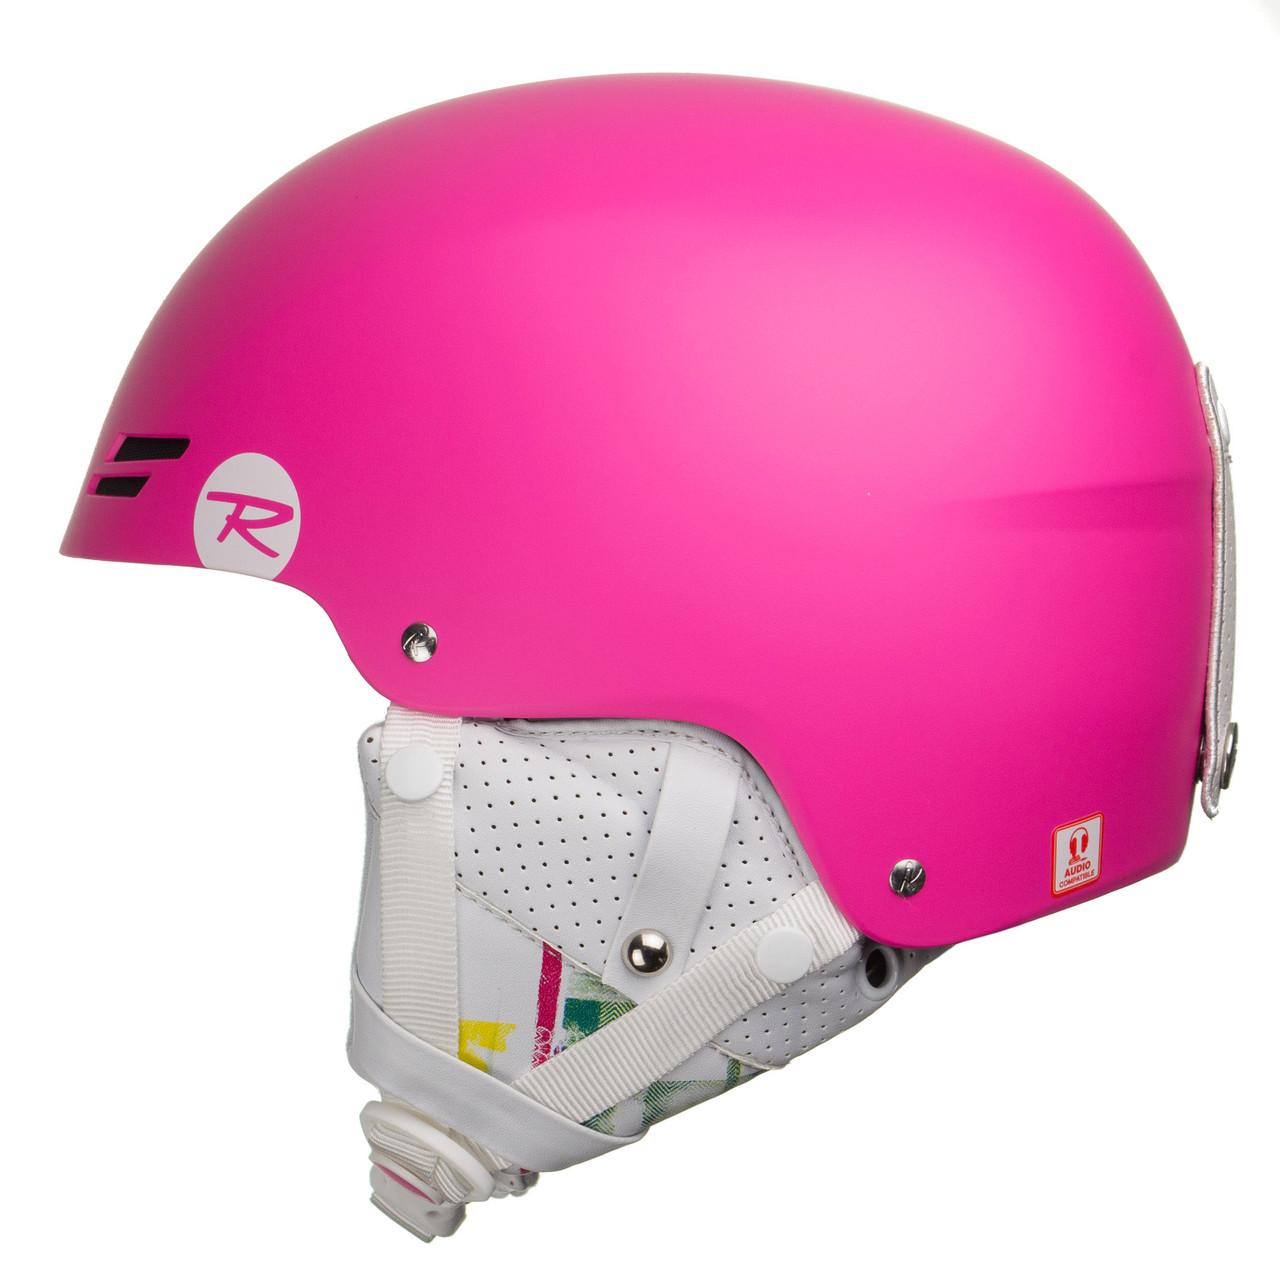 Шолом гірськолижний Rossignol Spark M Pink (RKEH407058)